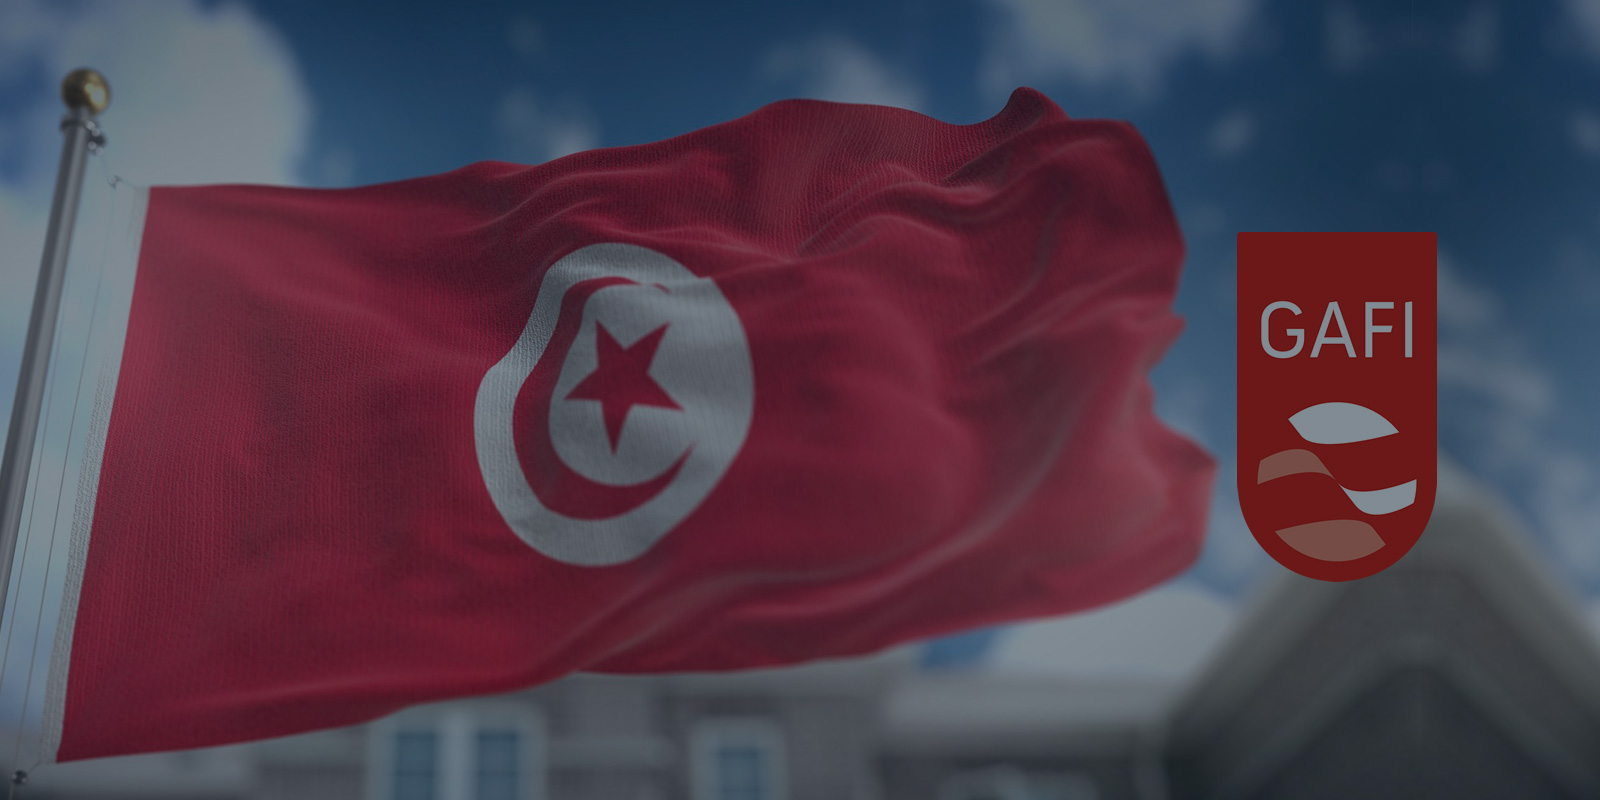 La Tunisie sort officiellement de la liste des pays soumis à la surveillance du GAFI